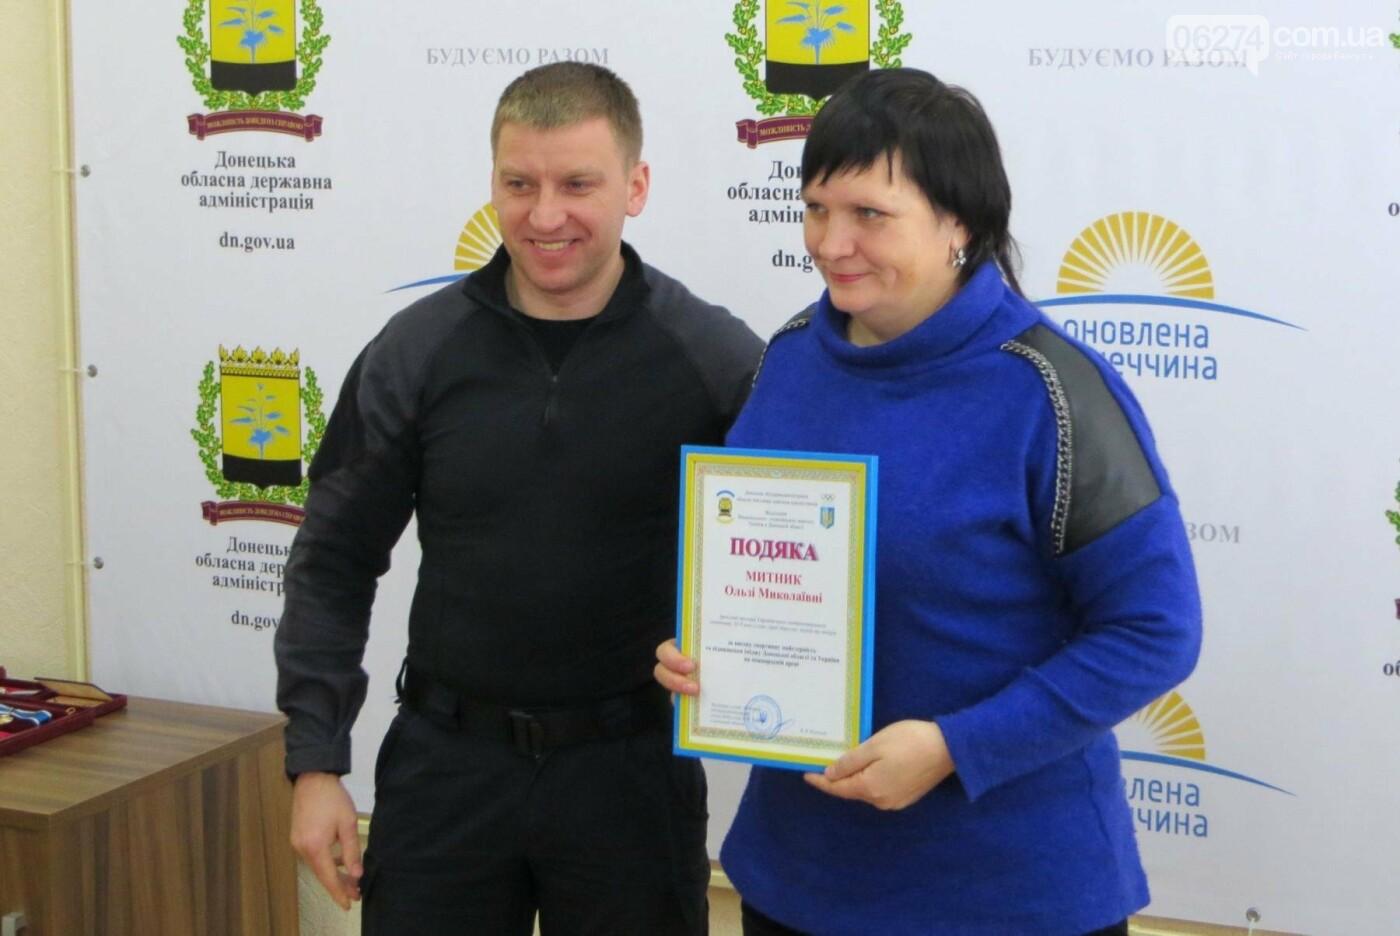 В Краматорске отметили лучших спортсменов и тренеров Донецкой области, фото-4